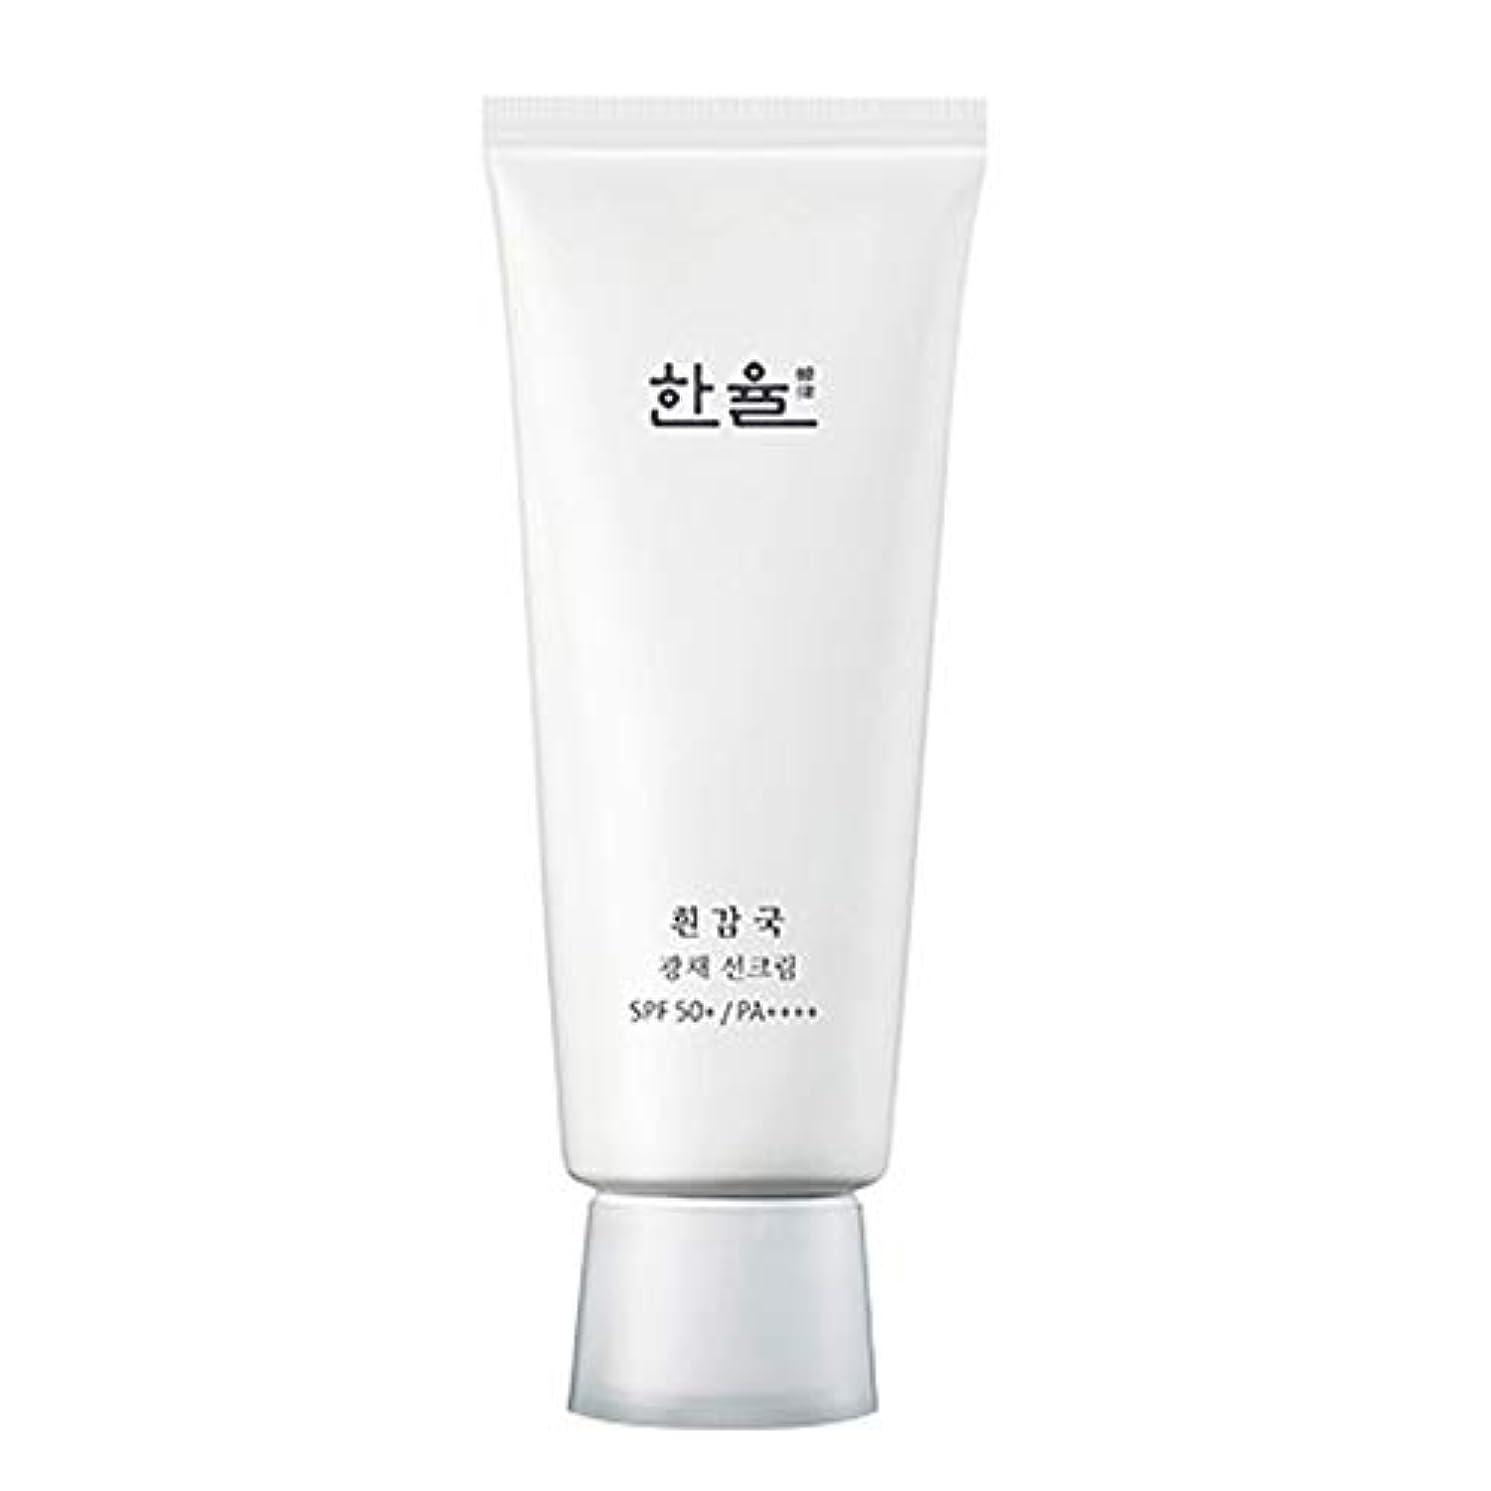 文房具日常的に騒[HANYUL] ハンユル 白いガムグク輝きサンクリーム 70ml SPF50+ PA++++ White Chrysanthemum Radiance Sunscreen cream